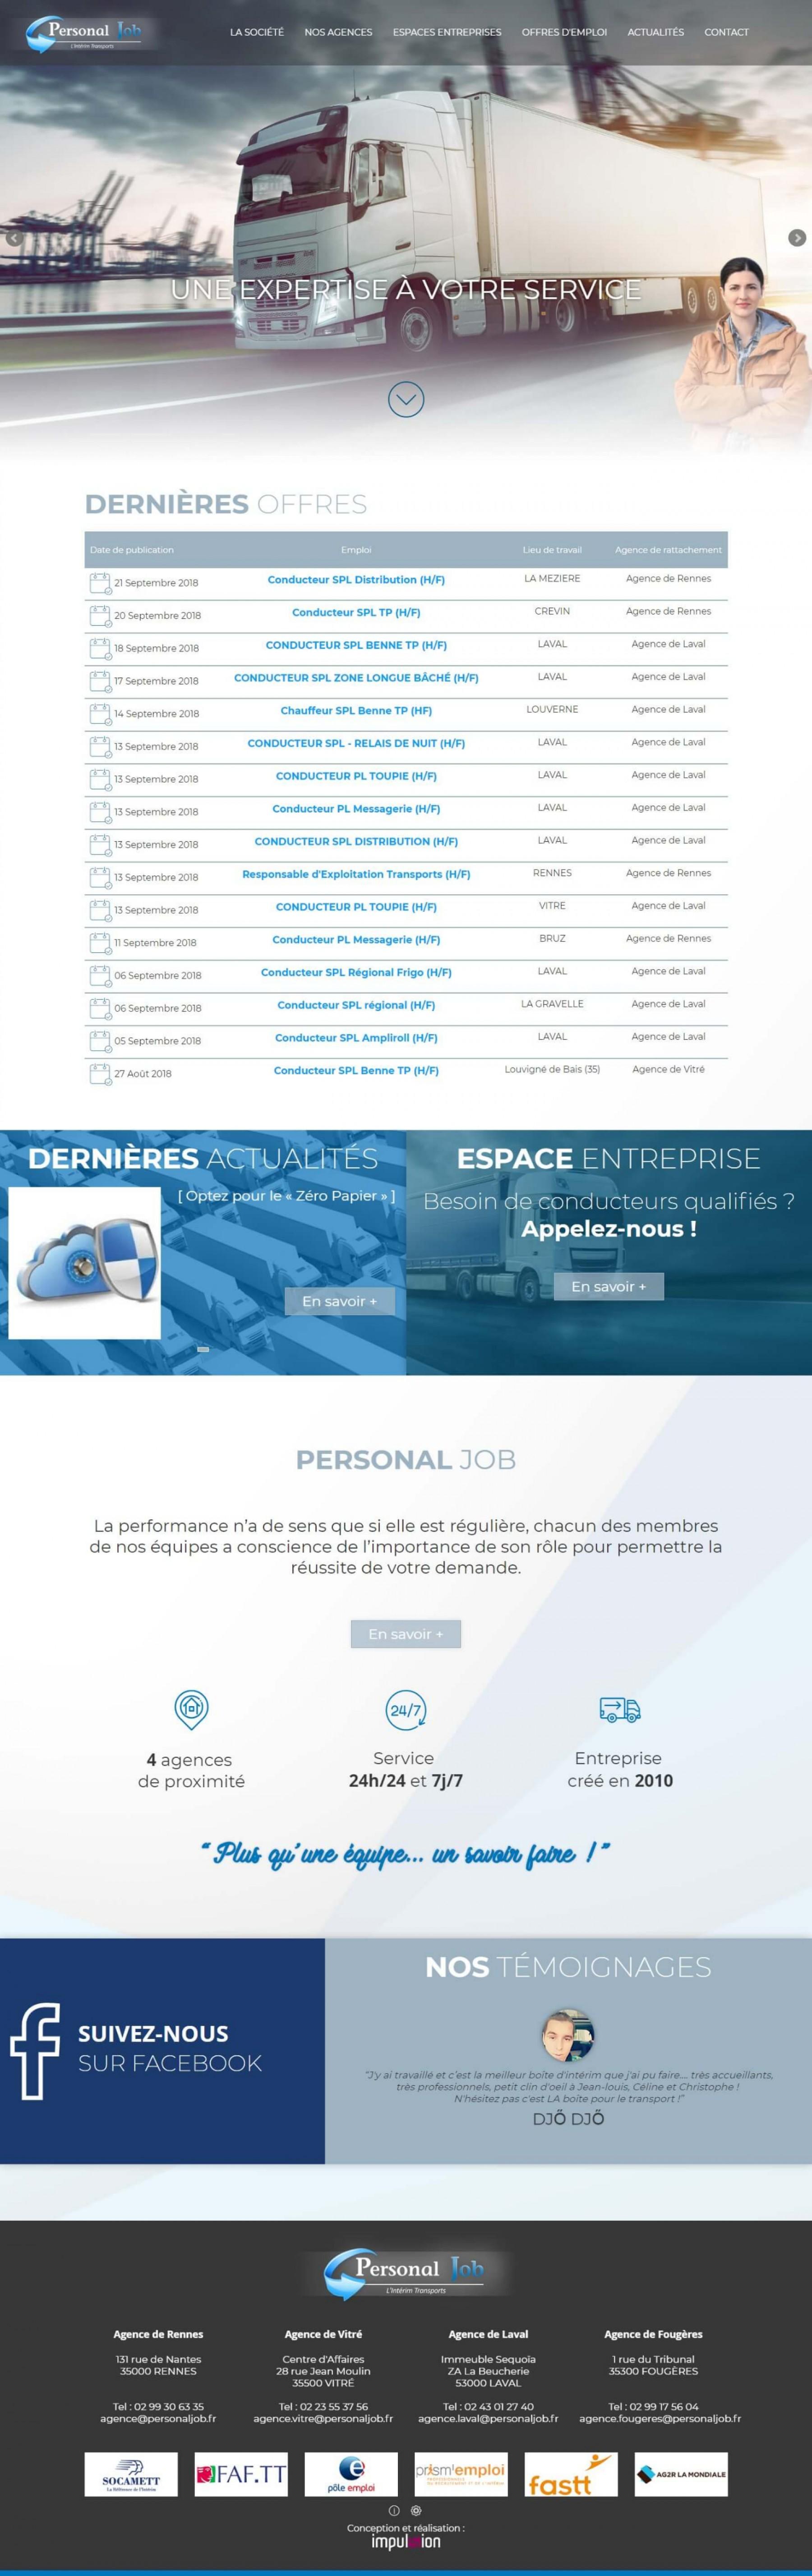 Personal Job-Intérim Transport Rennes  Laval  Vitré  Fougères .jpg